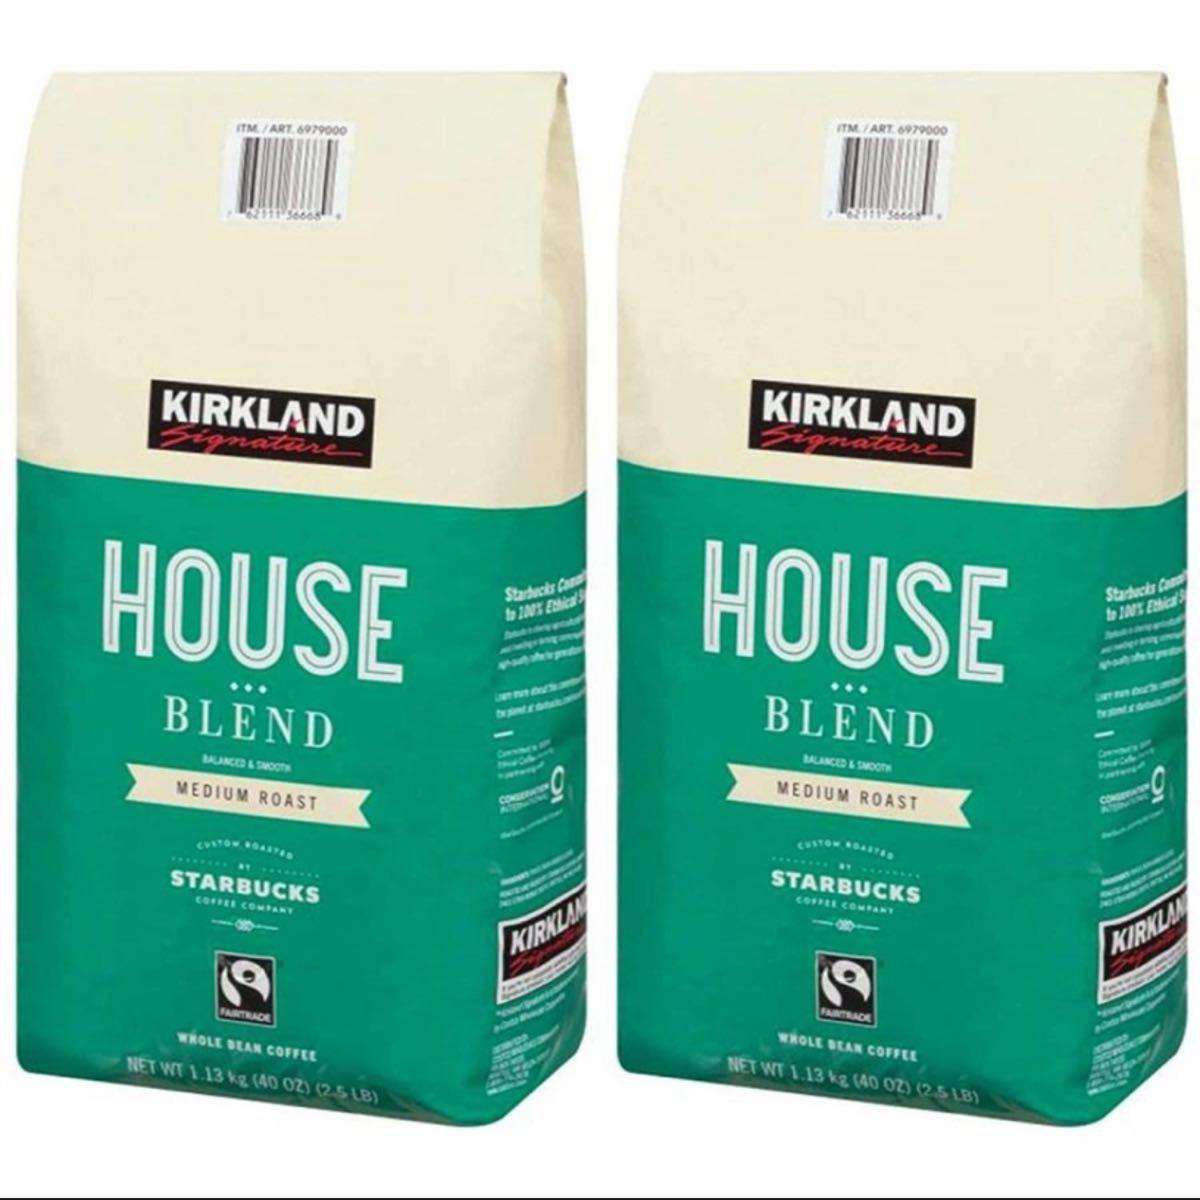 スターバックス ロースト コーヒー豆 2袋セット 1.13kg×2 ハウスブレンド スタバ